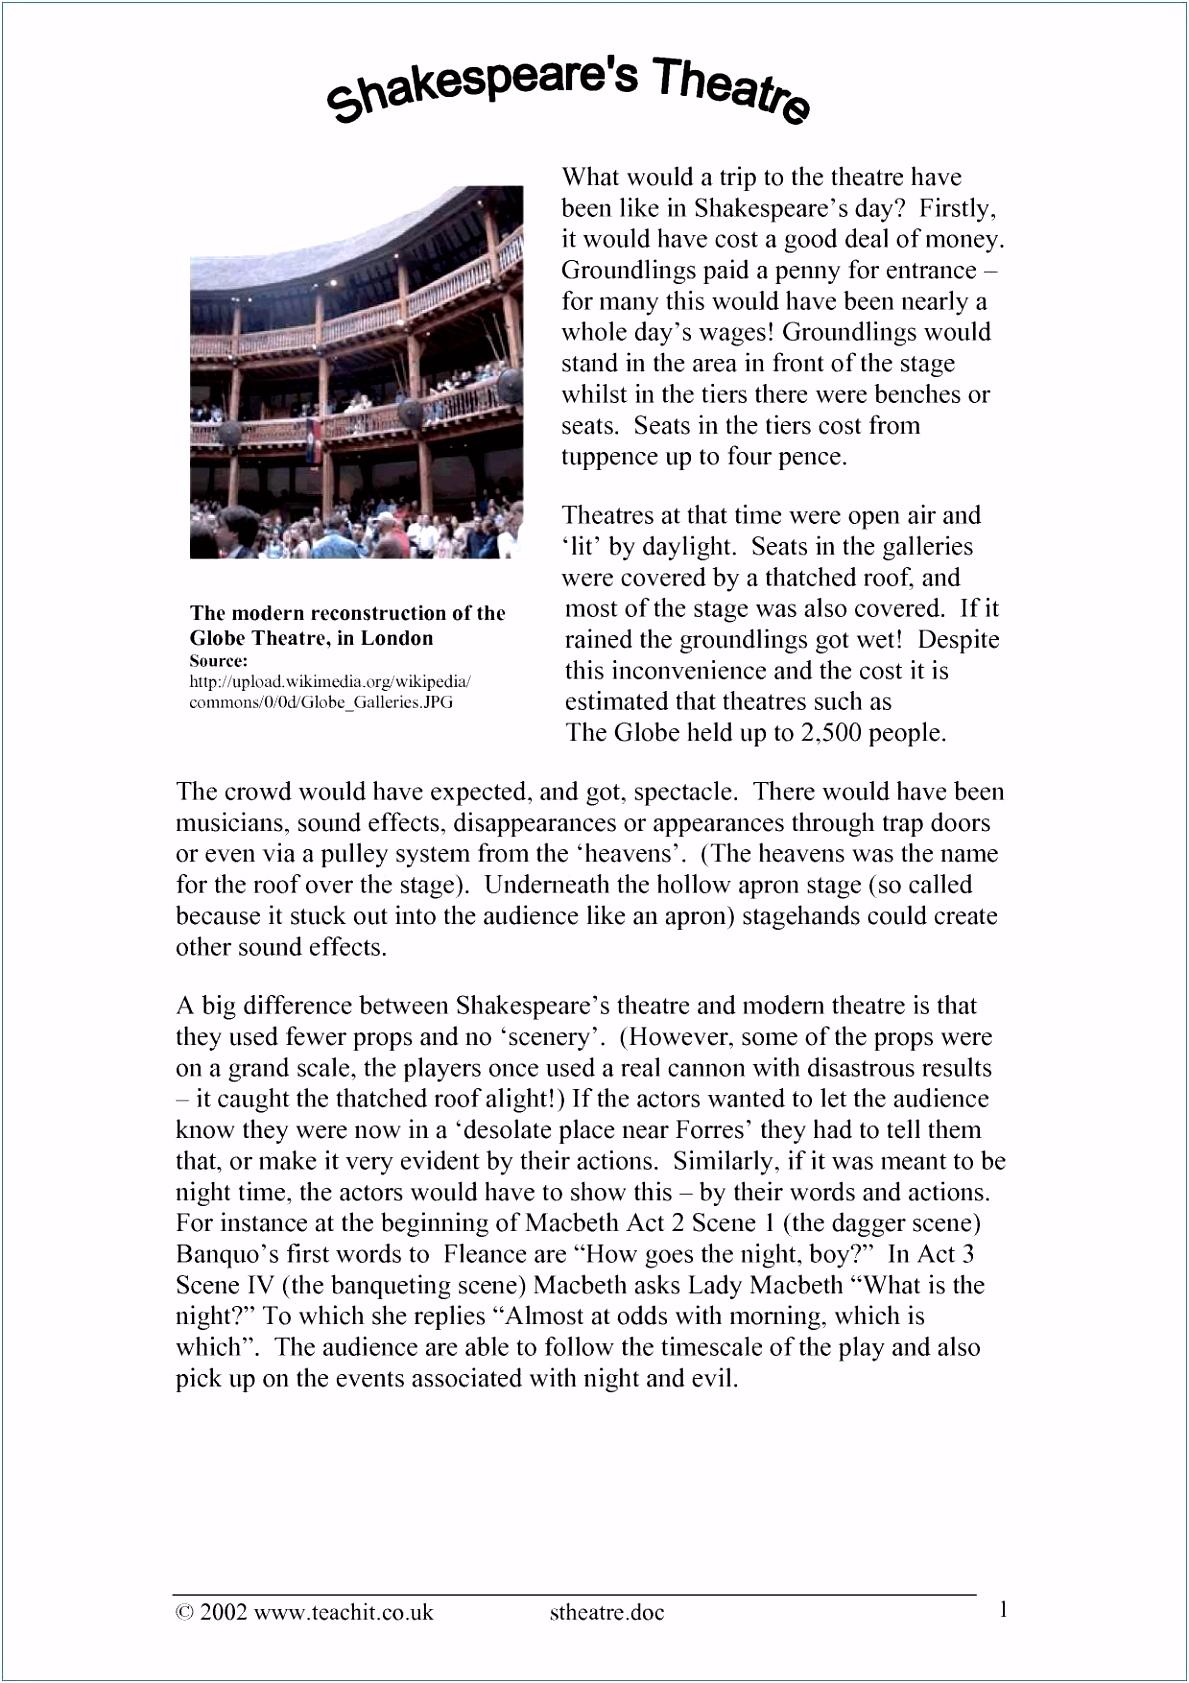 Detaillierte Vorlagen Testament